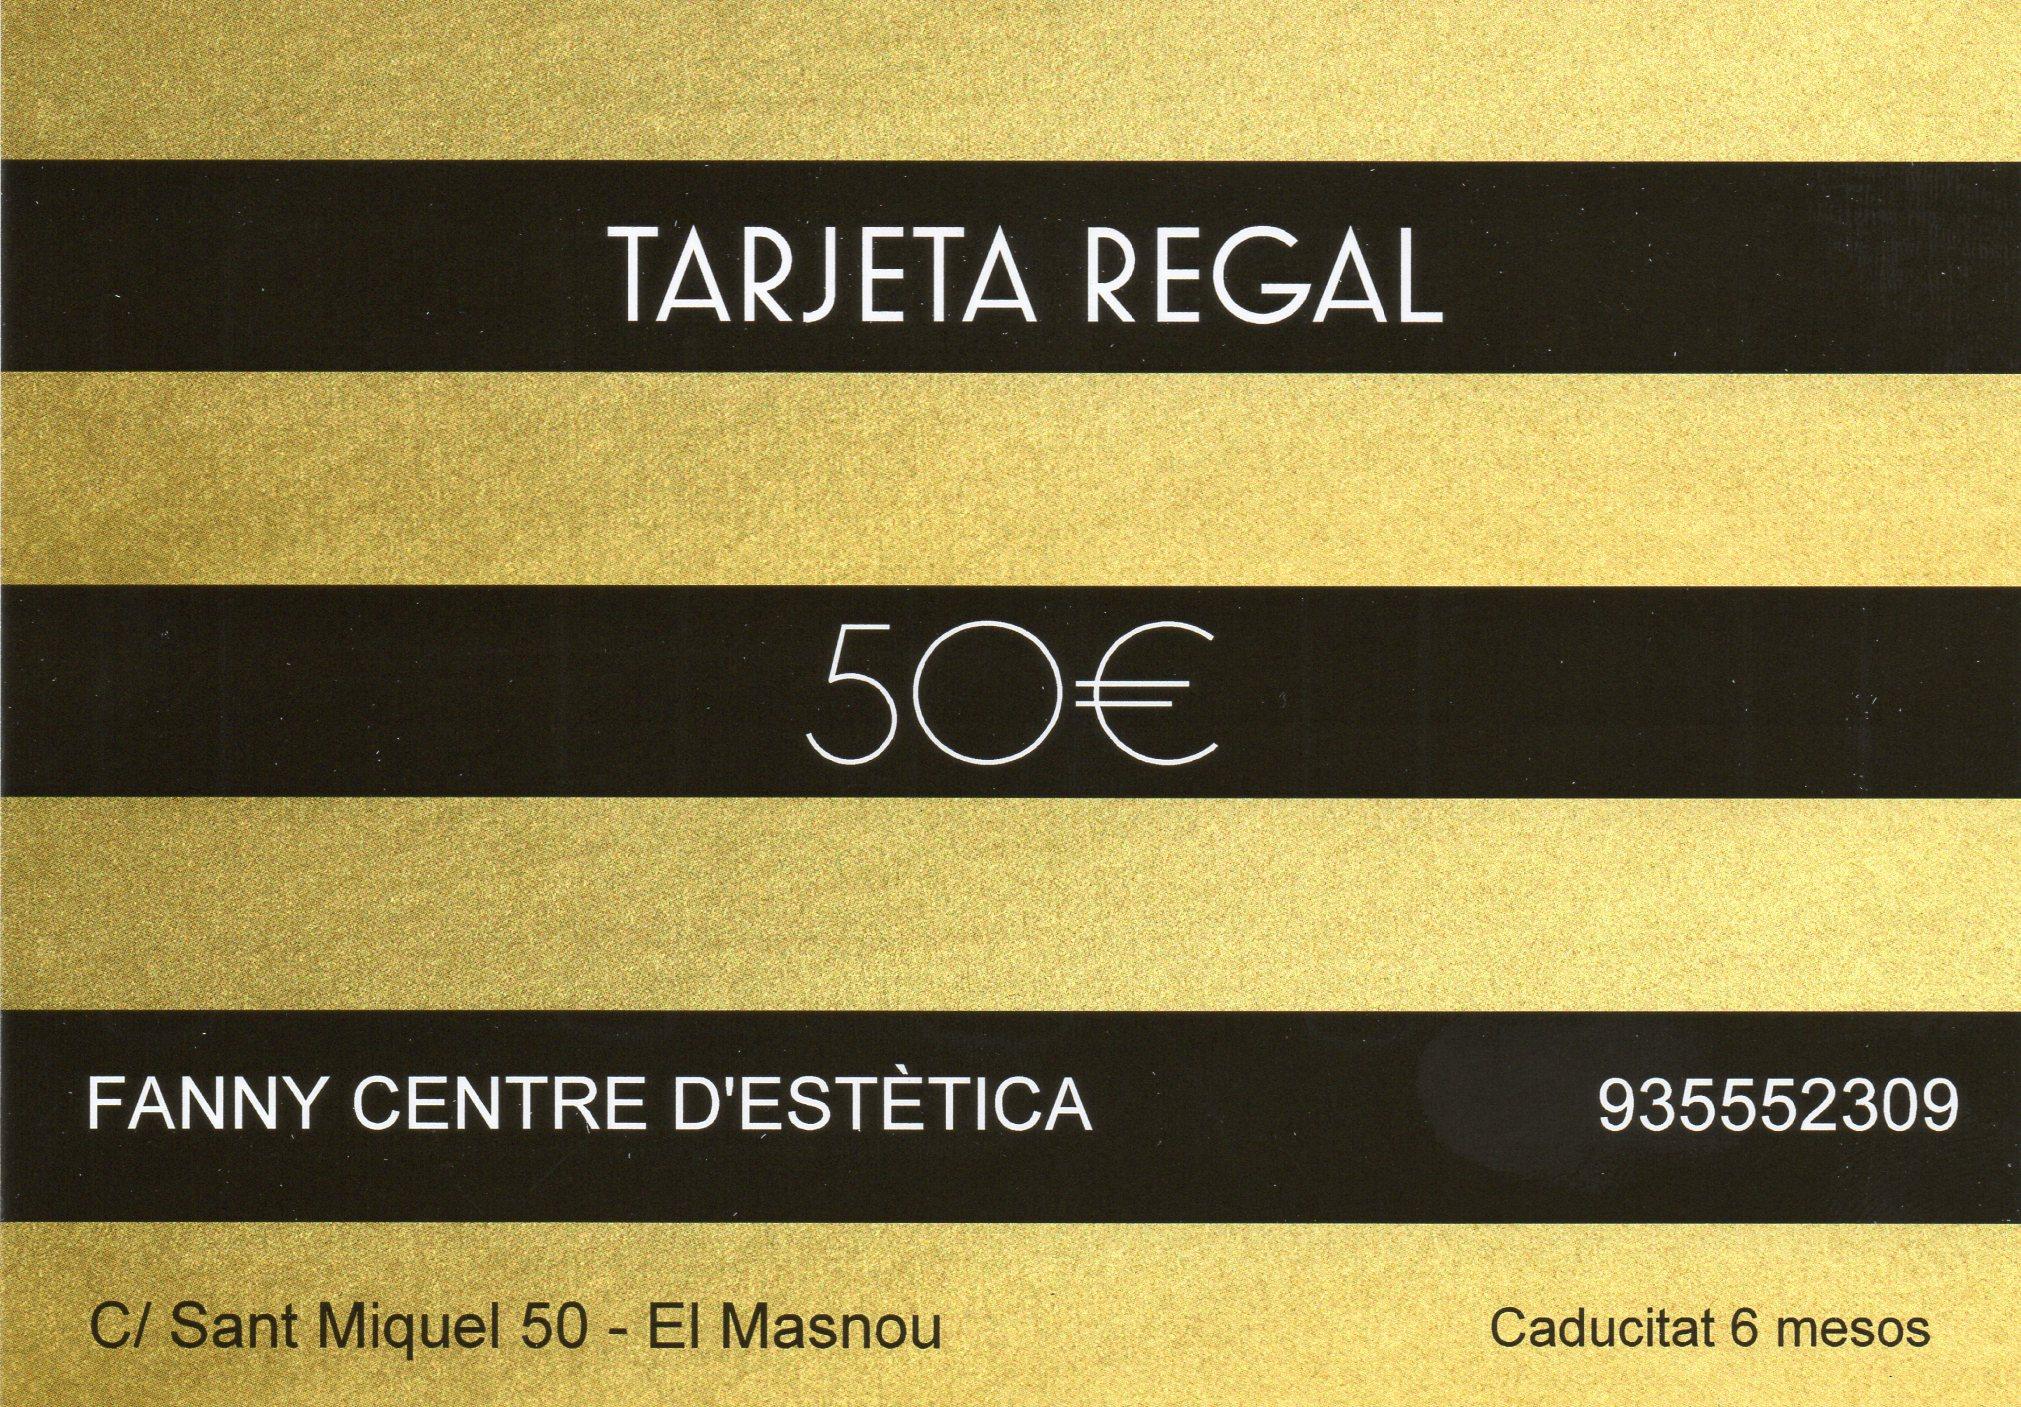 Tarjeta regal de 50€